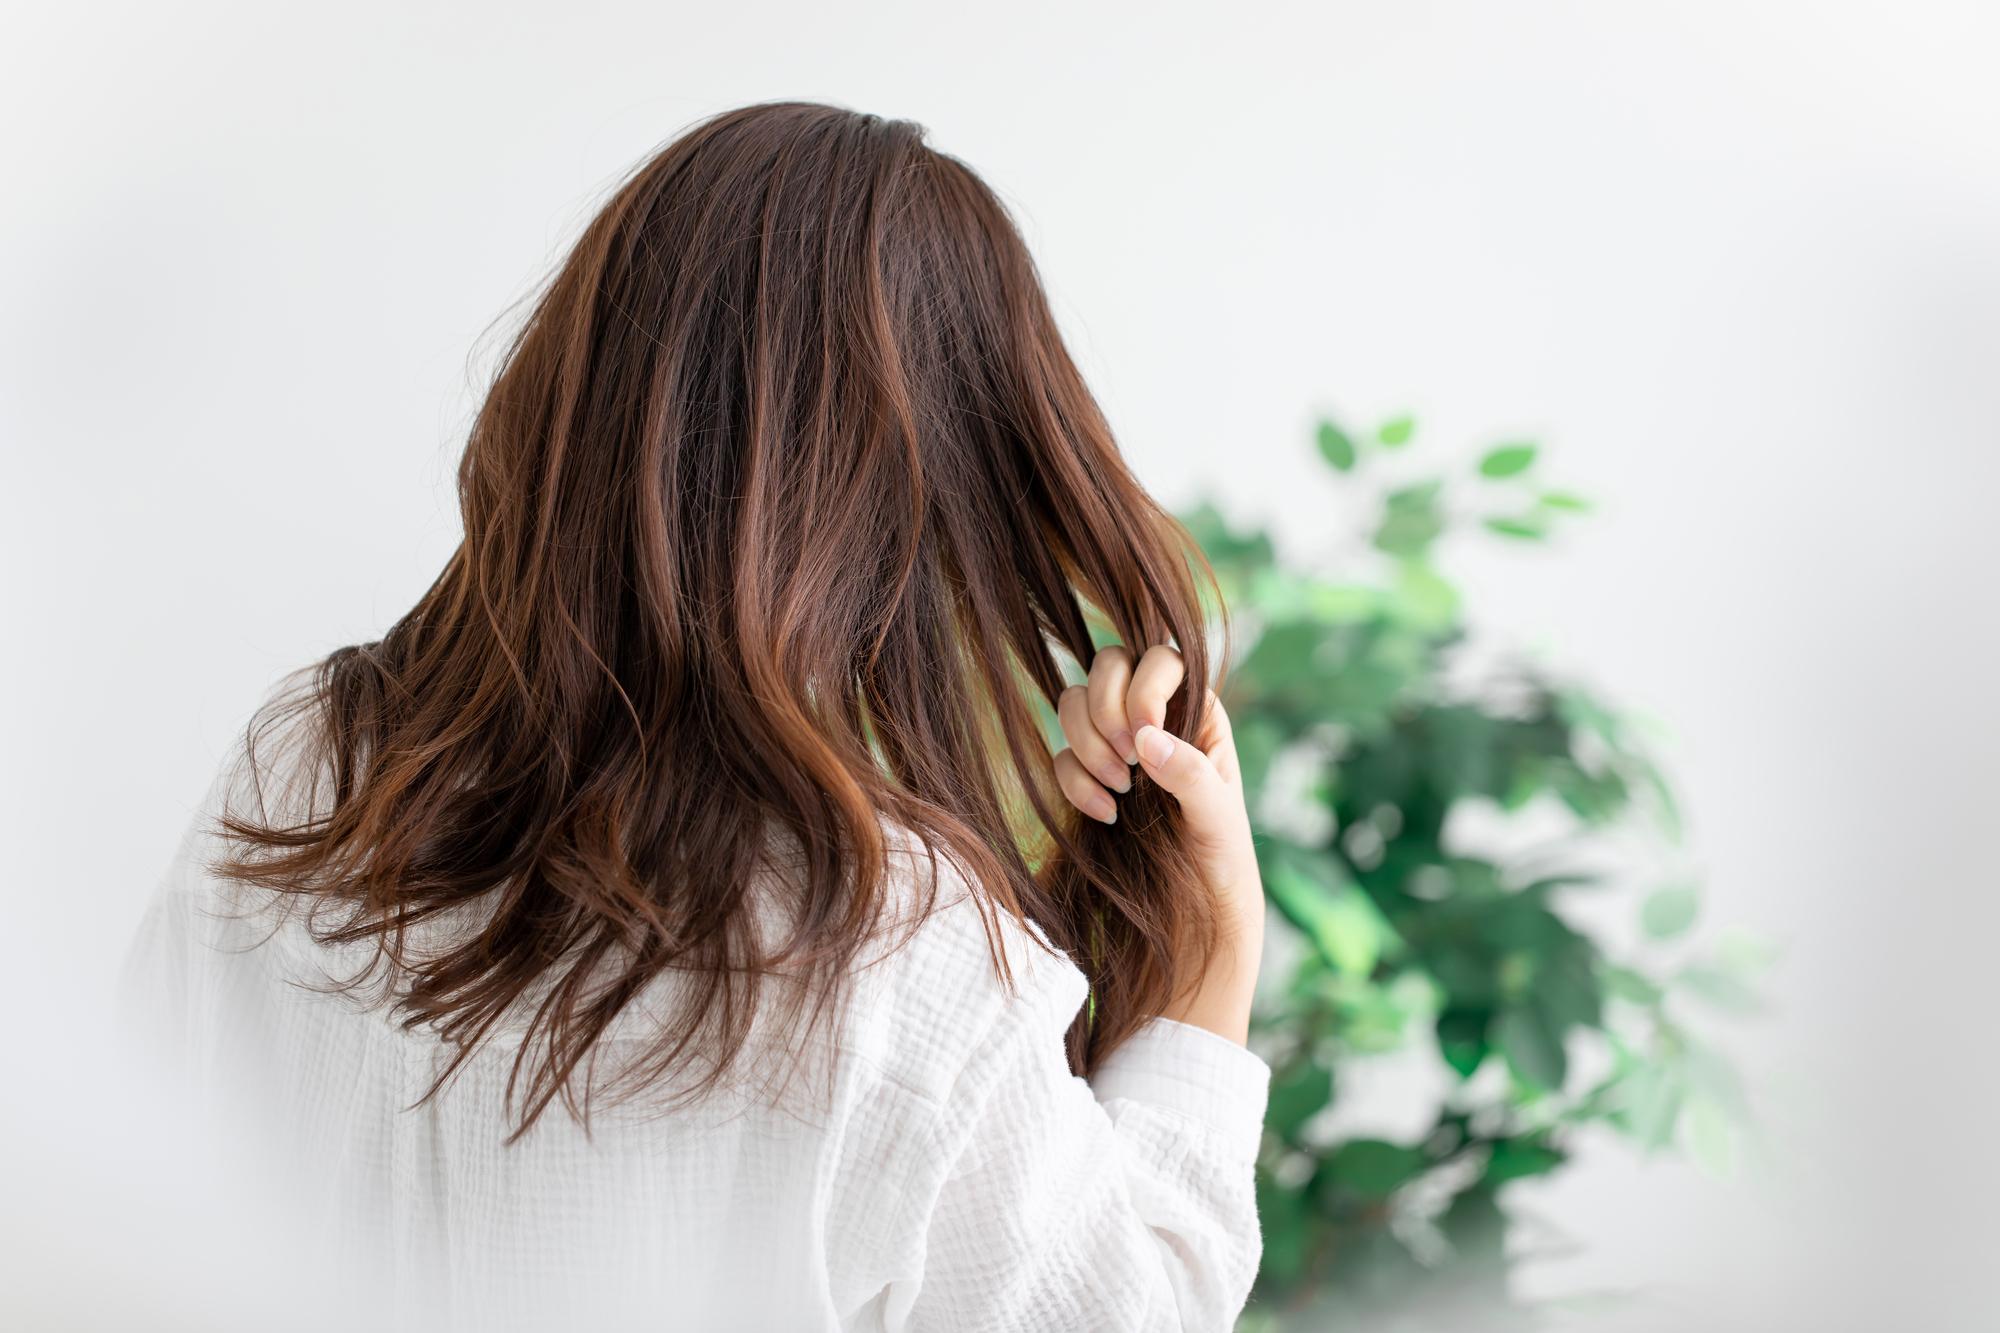 くせ毛で美容院に行きたくない女性